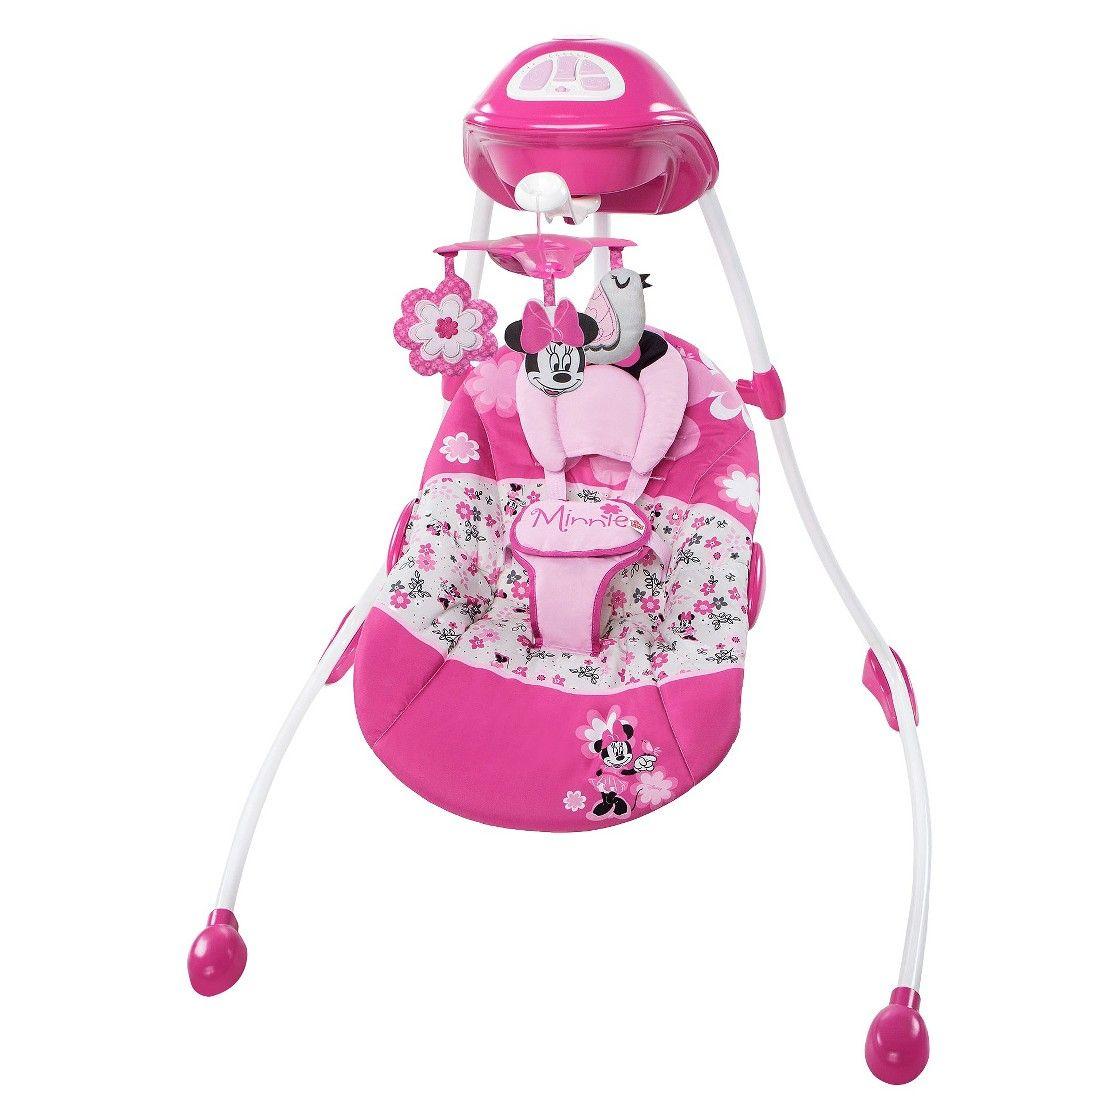 Disney minnie garden delights swing pink stuff to buy